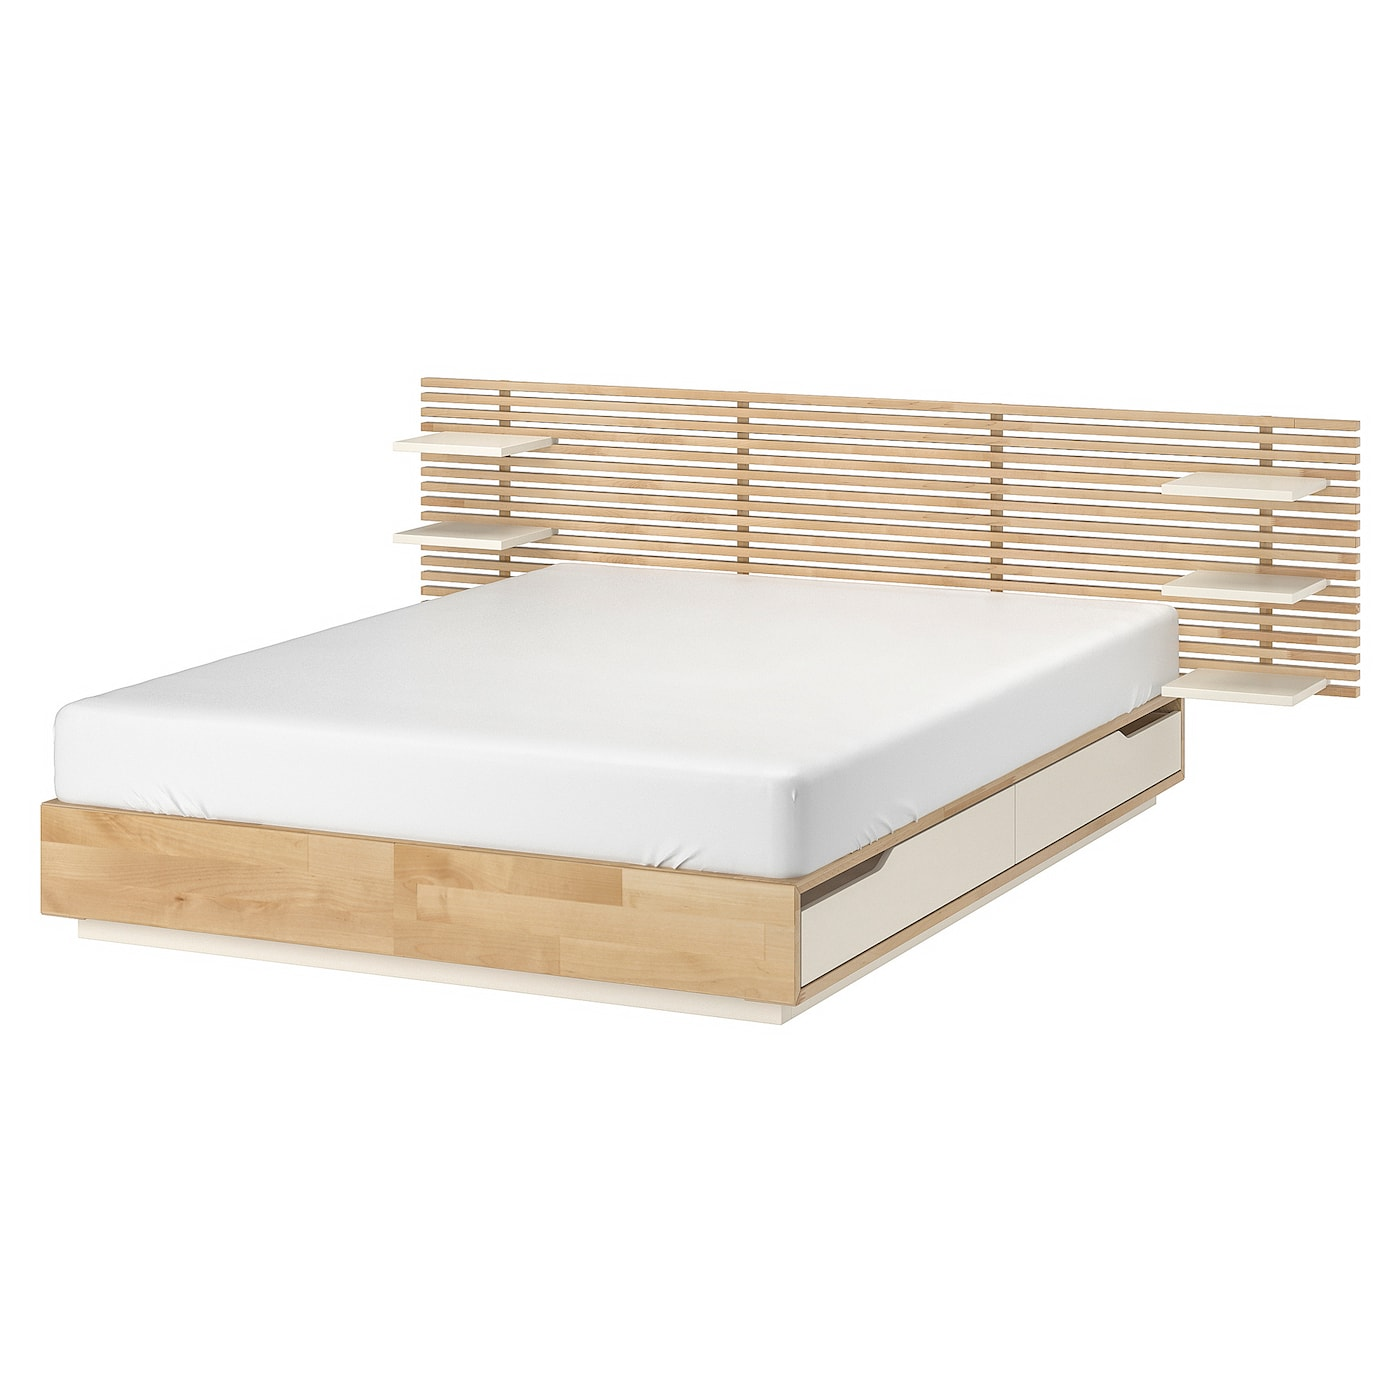 MANDAL Structure lit avec tête de lit, bouleau, blanc, 160x202 cm - IKEA